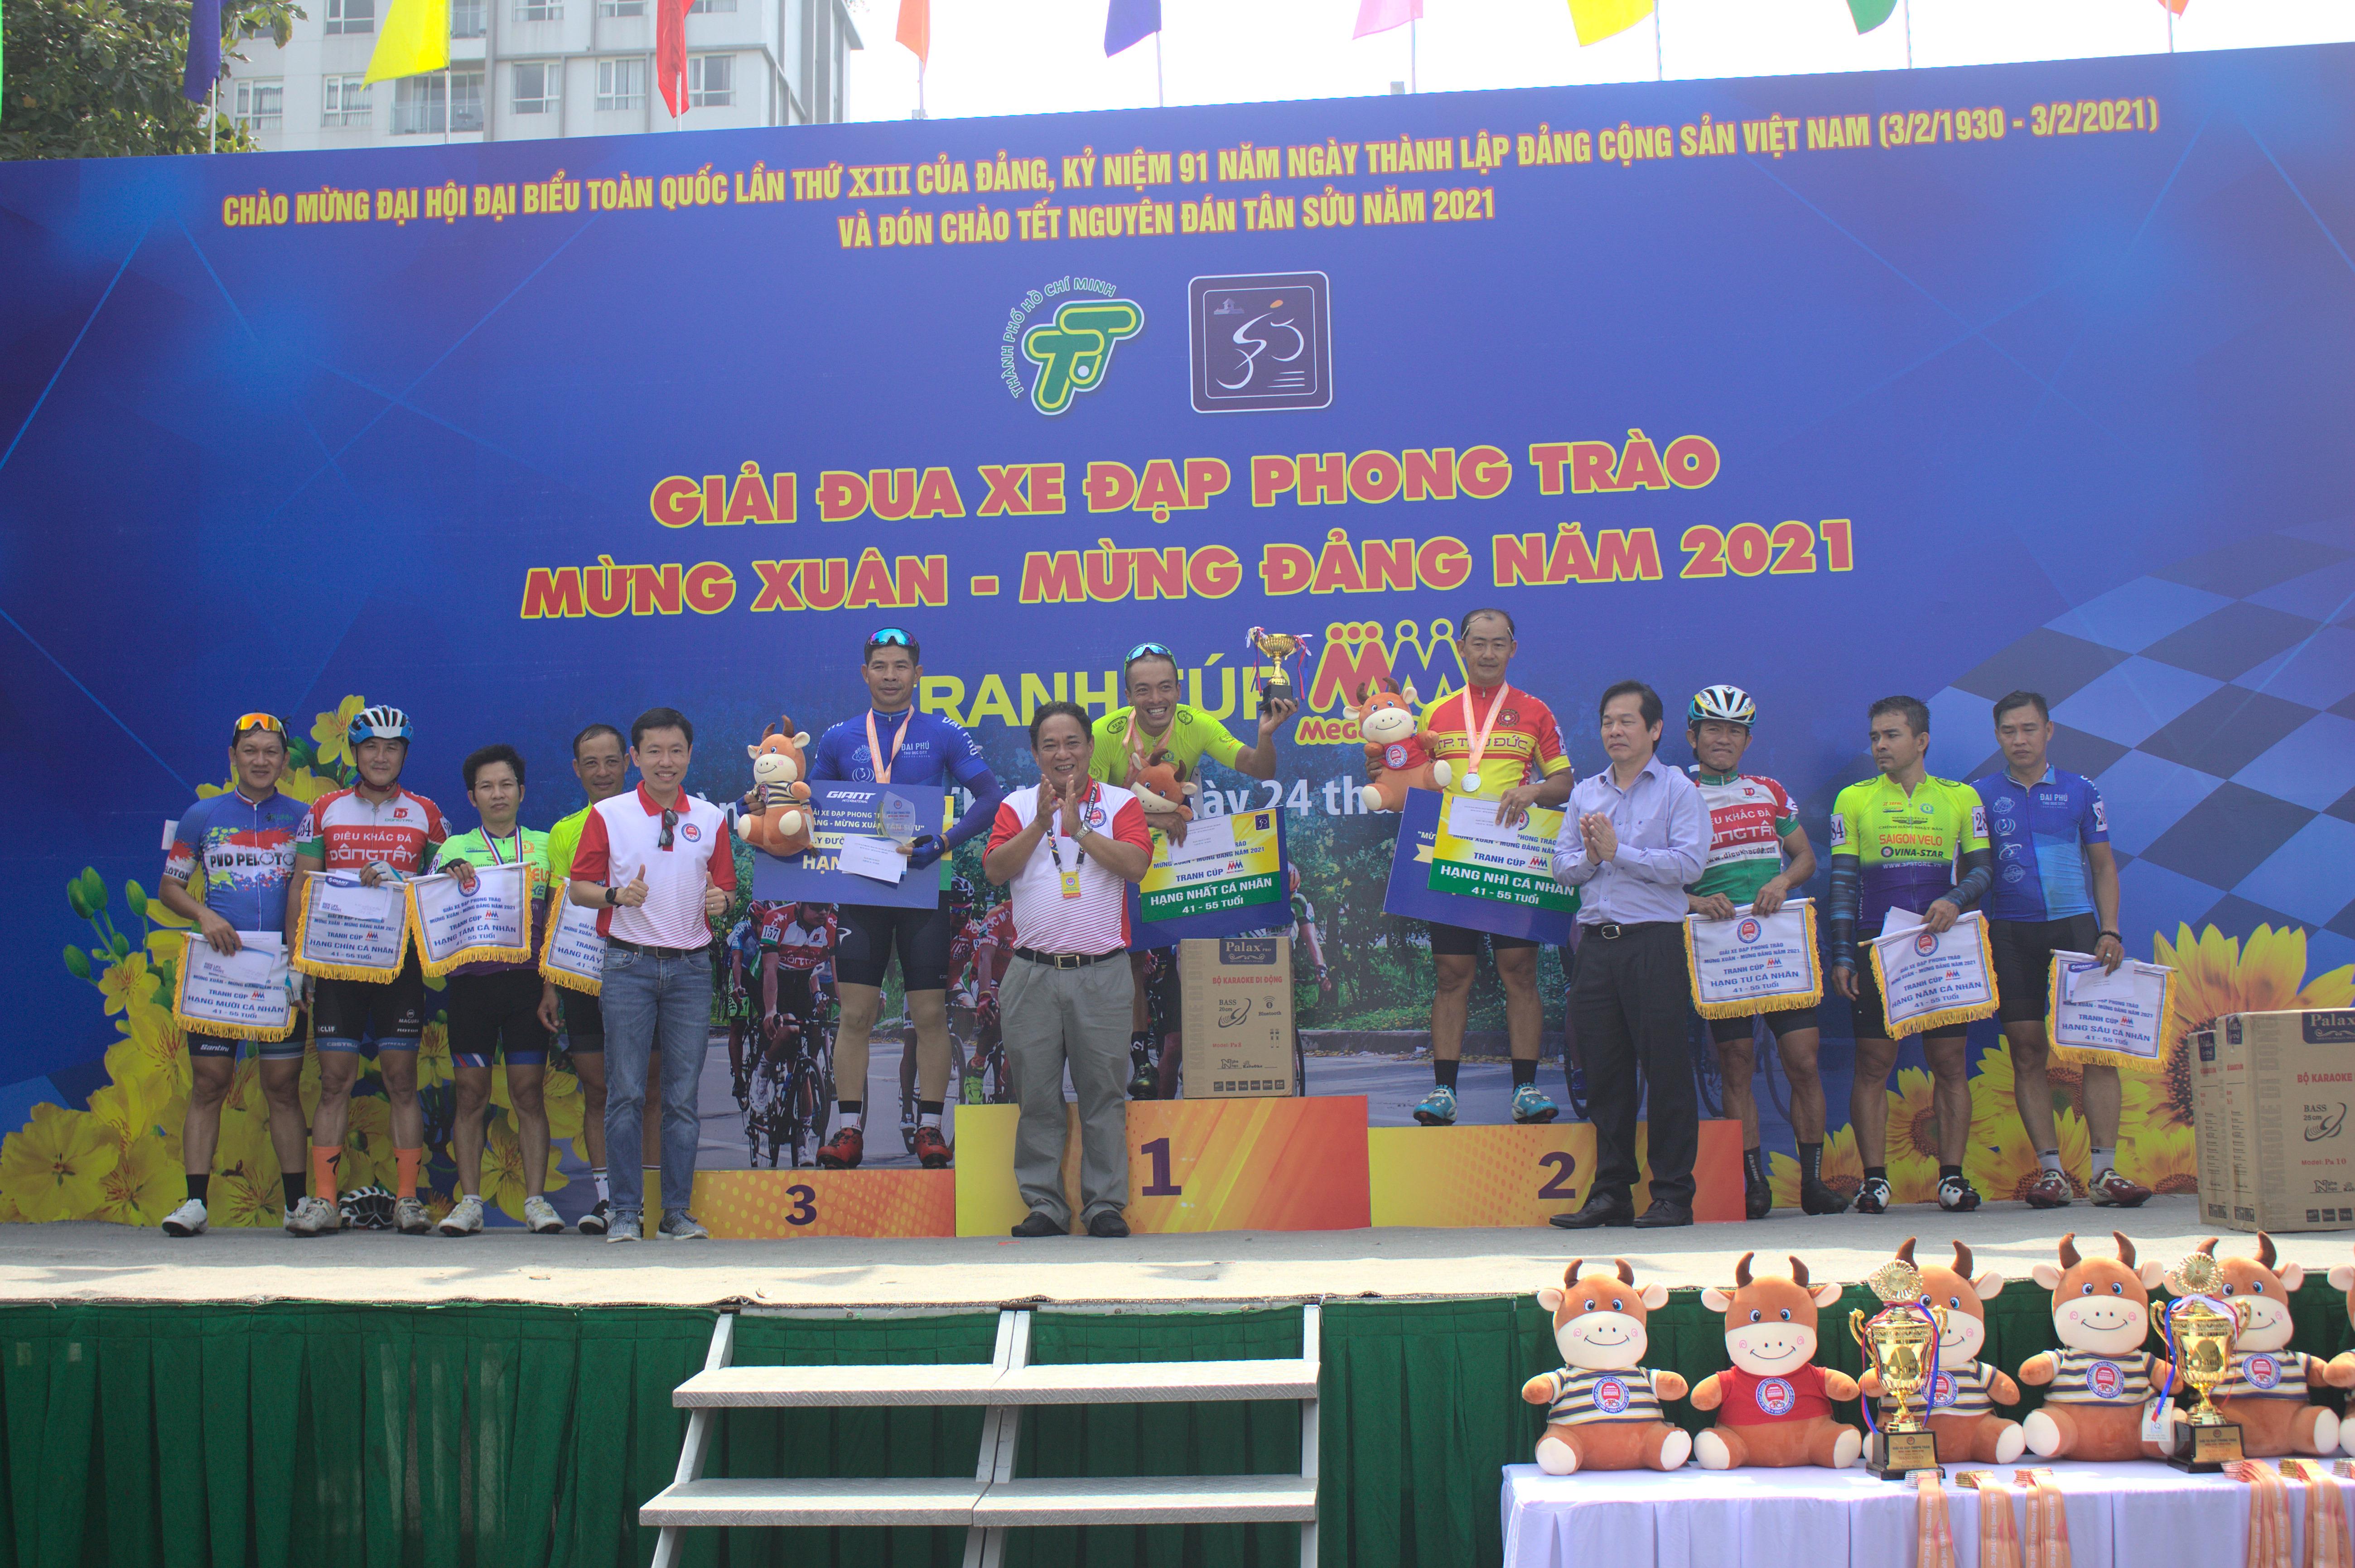 Hình ảnh: Sôi nổi giải xe đạp phong trào mừng Đảng - mừng Xuân Tân Sửu 2021 số 7